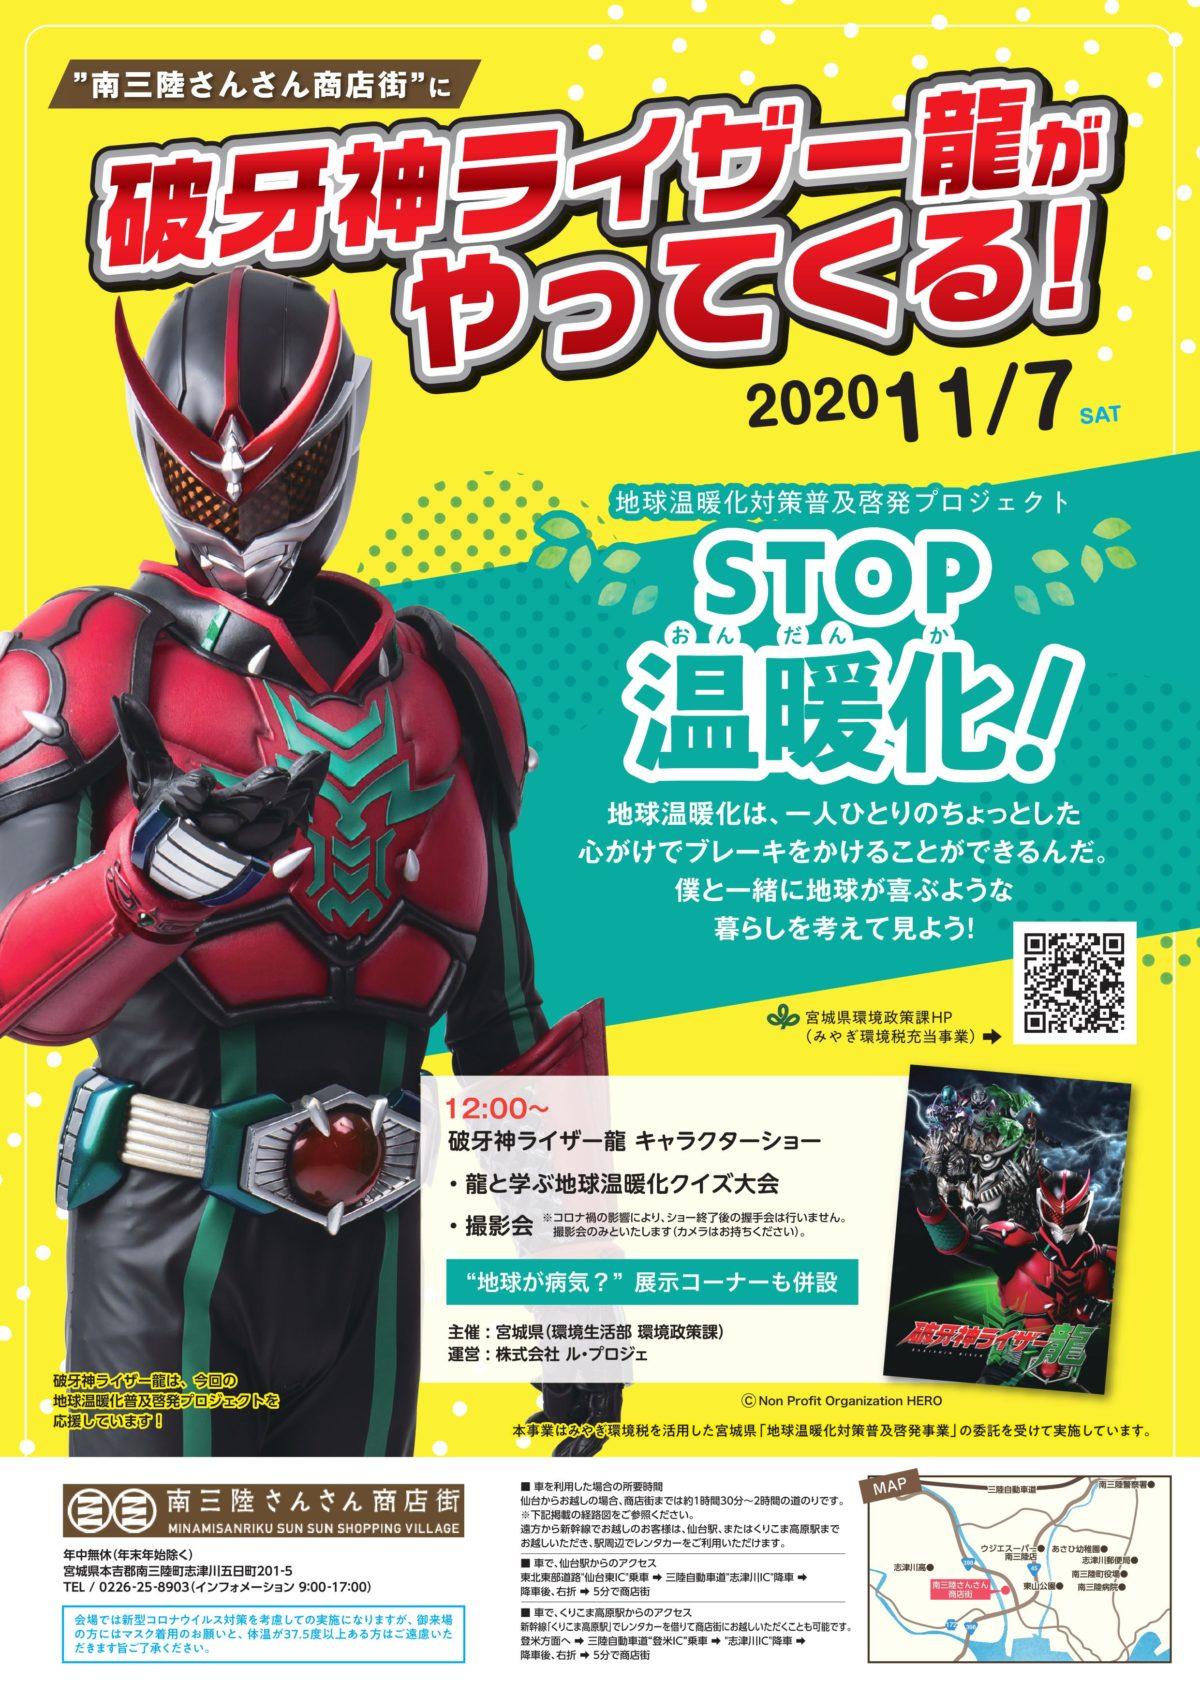 明日11月7日(土)『破牙神ライザー龍』キャラクターショーを開催!感染防止対策をして楽しもう!